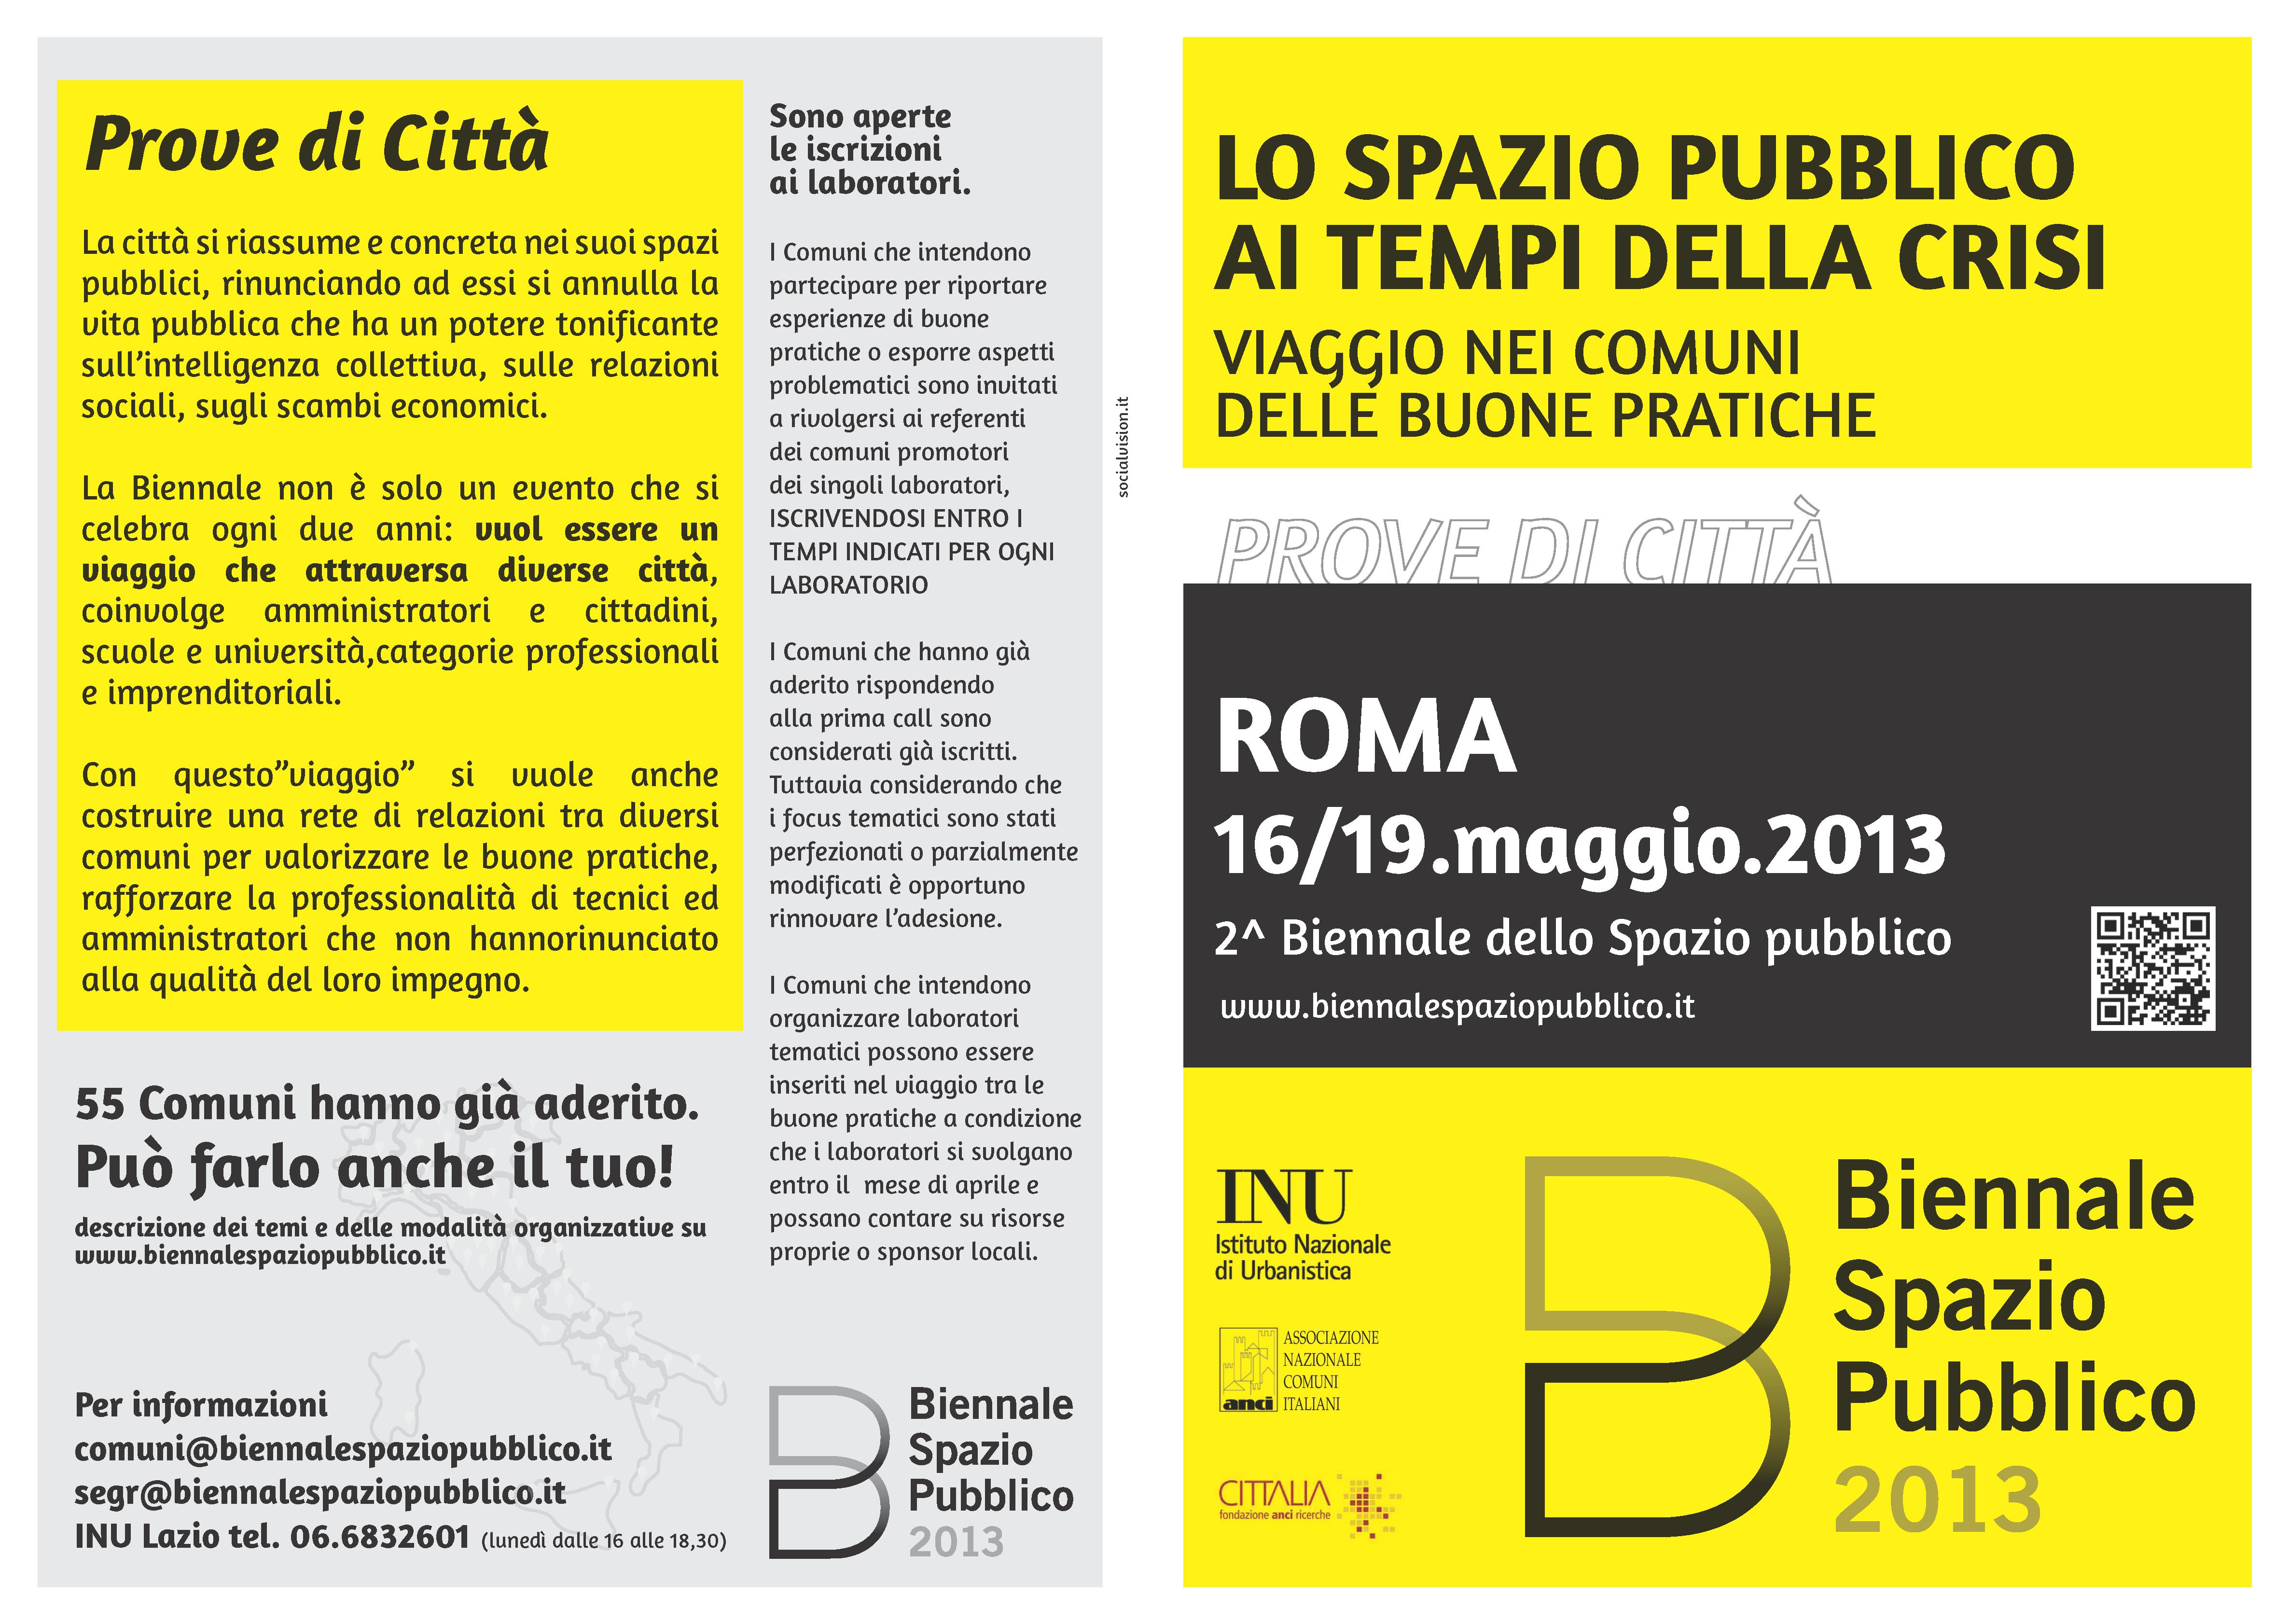 Biennale dello Spazio Pubblico 2013